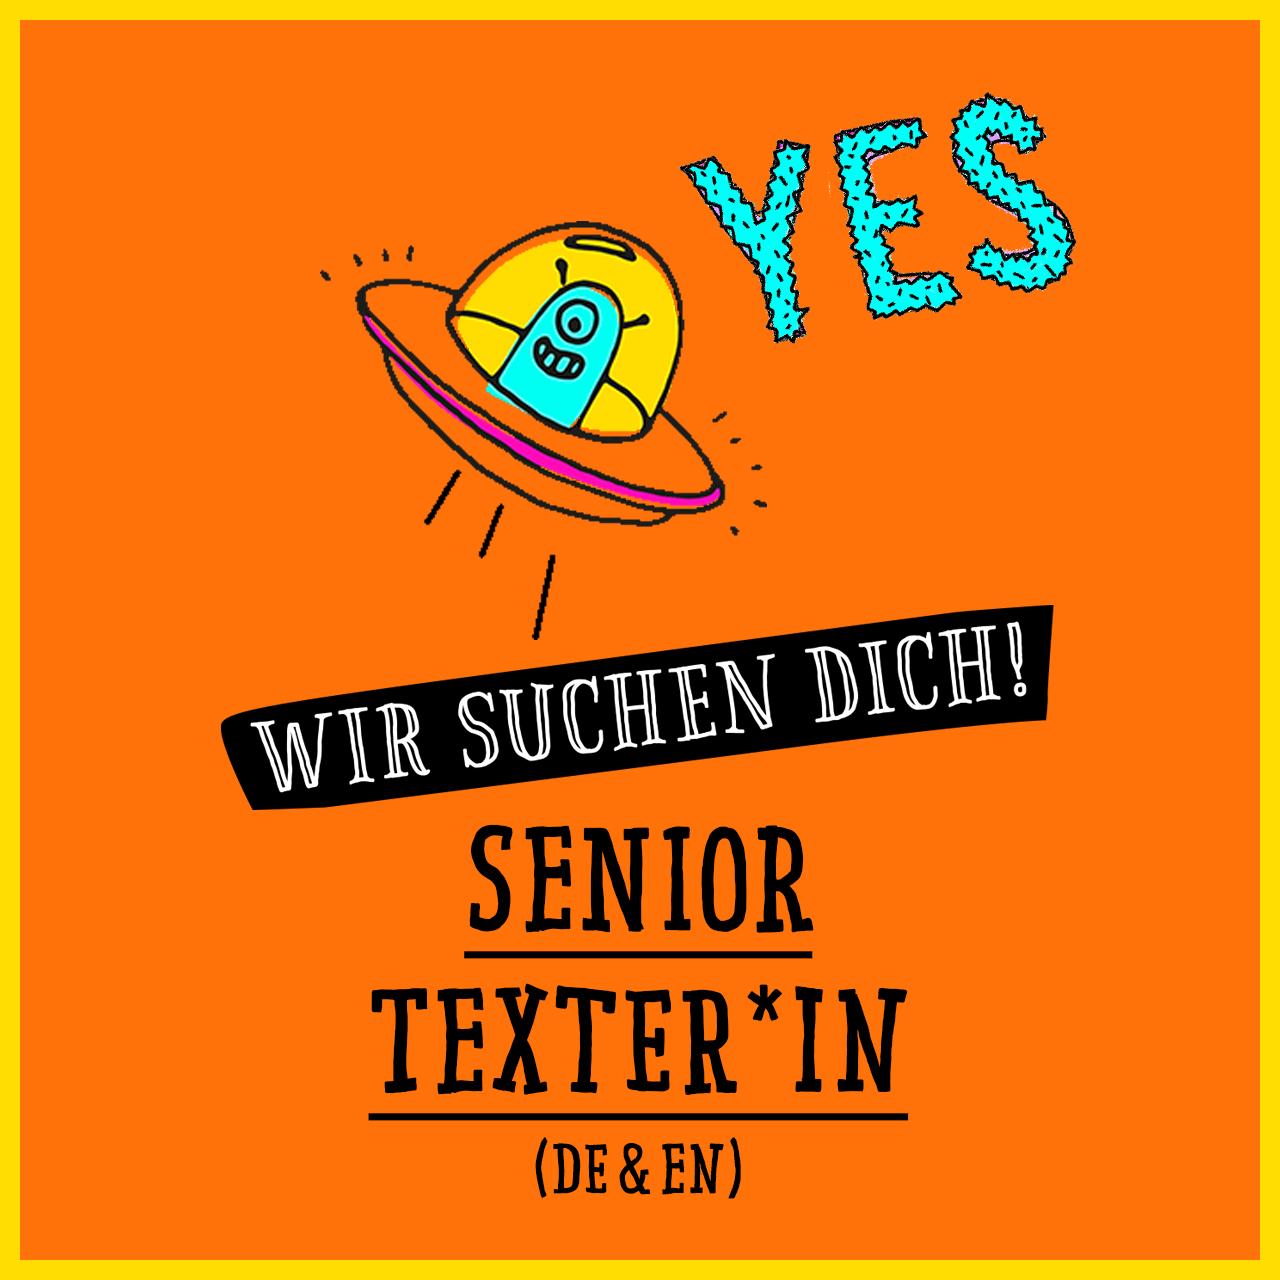 Jobs @ kochstrasse.agency Stellenanzeige / Stellengesuch Senior Texter*in (m/w/d)